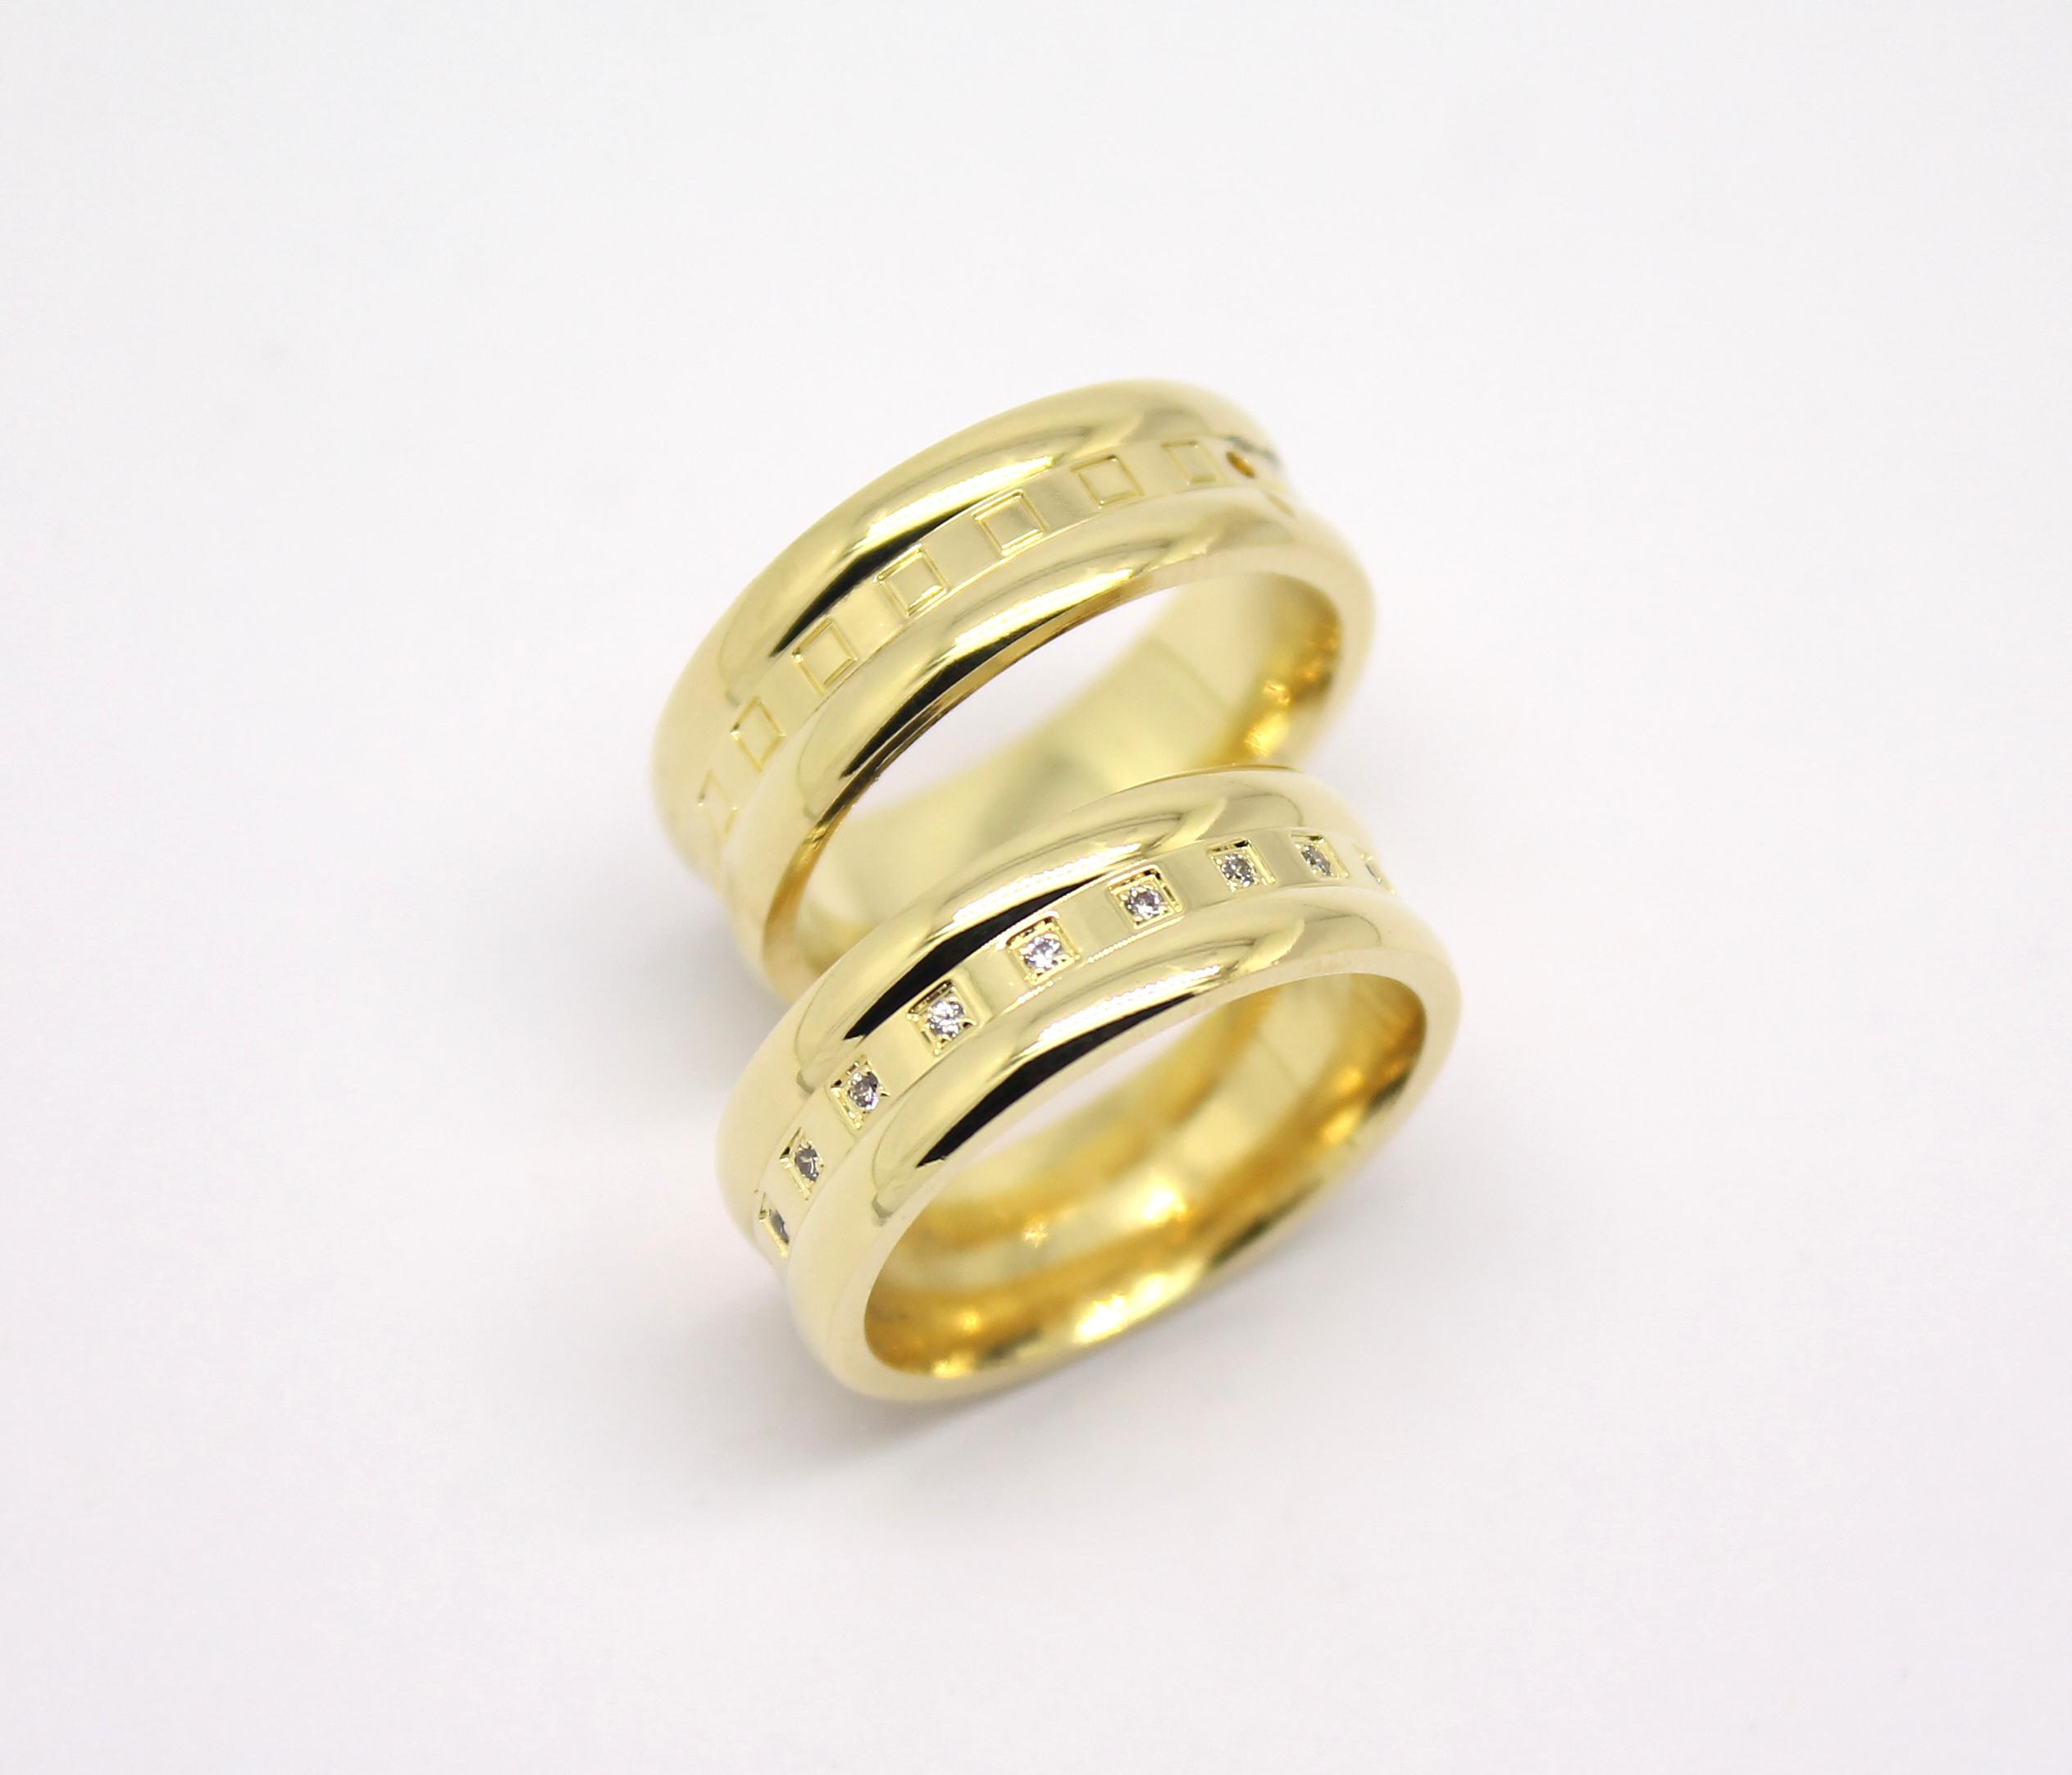 944b654f964 Par de Alianças com Quadrados e Diamantes Ouro 18k 750 - Marcio ...